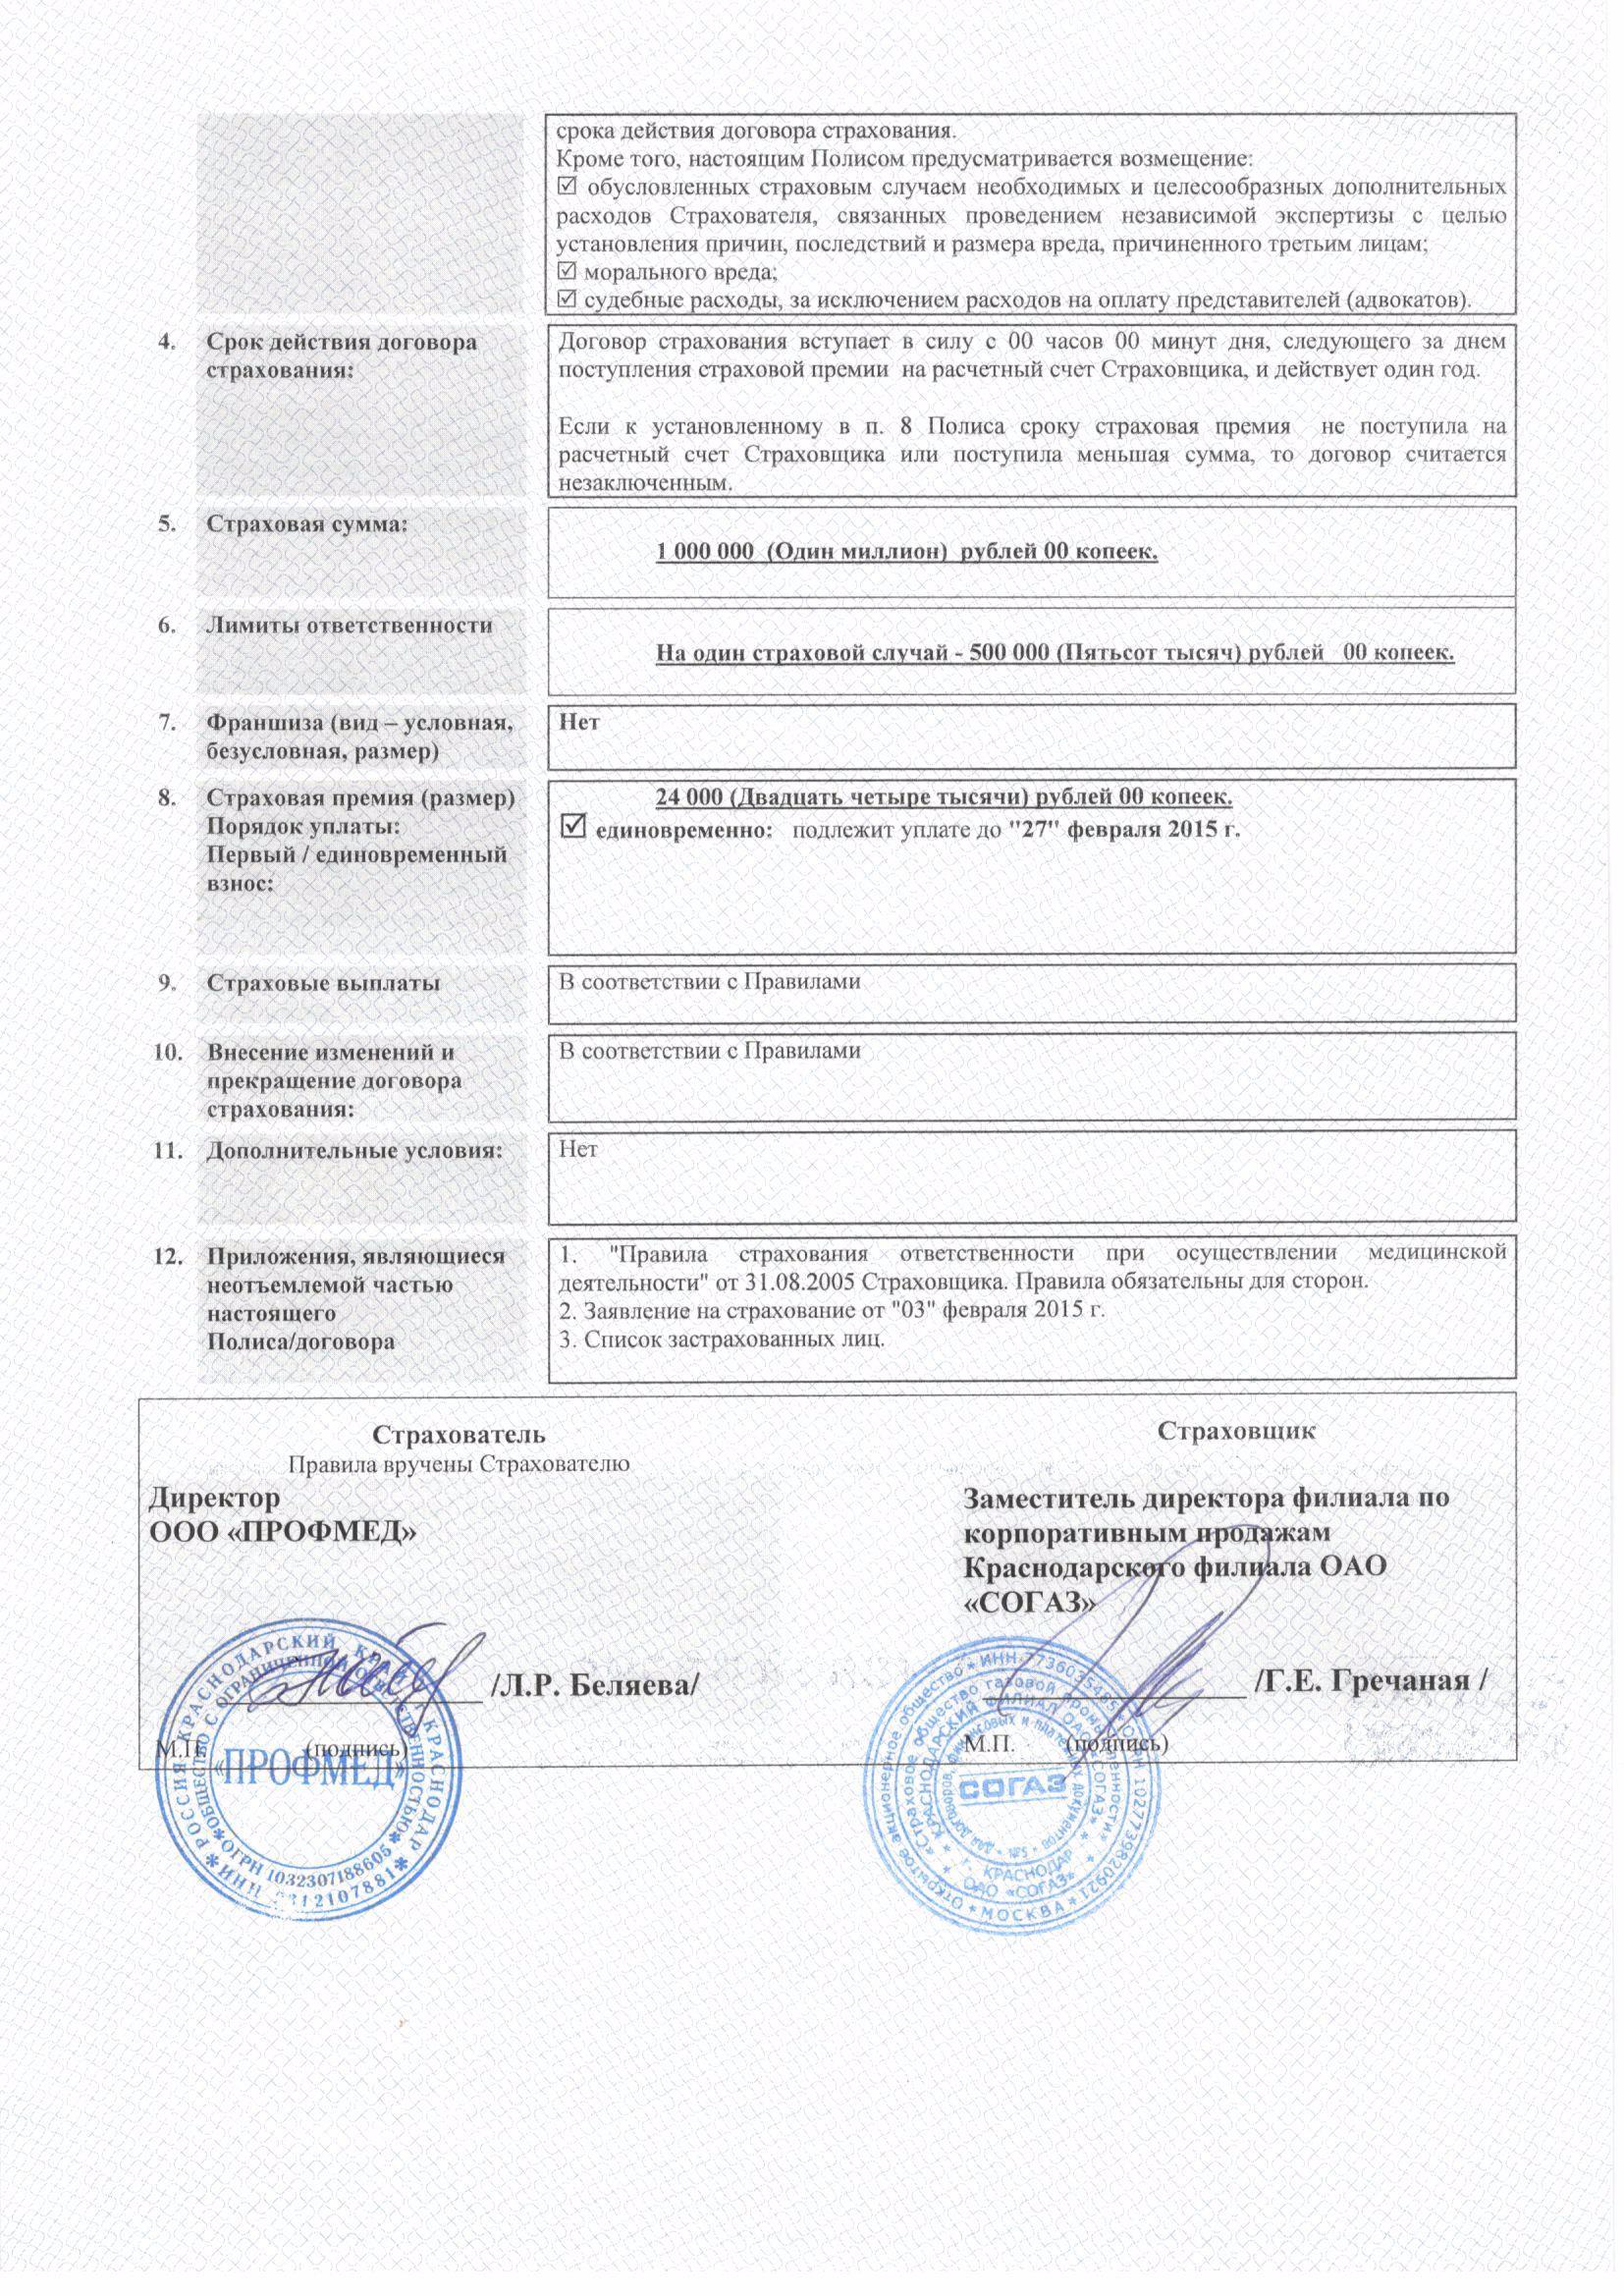 Приказ минздравсоцразвития рф от 12. 04. 2011 n 302н.